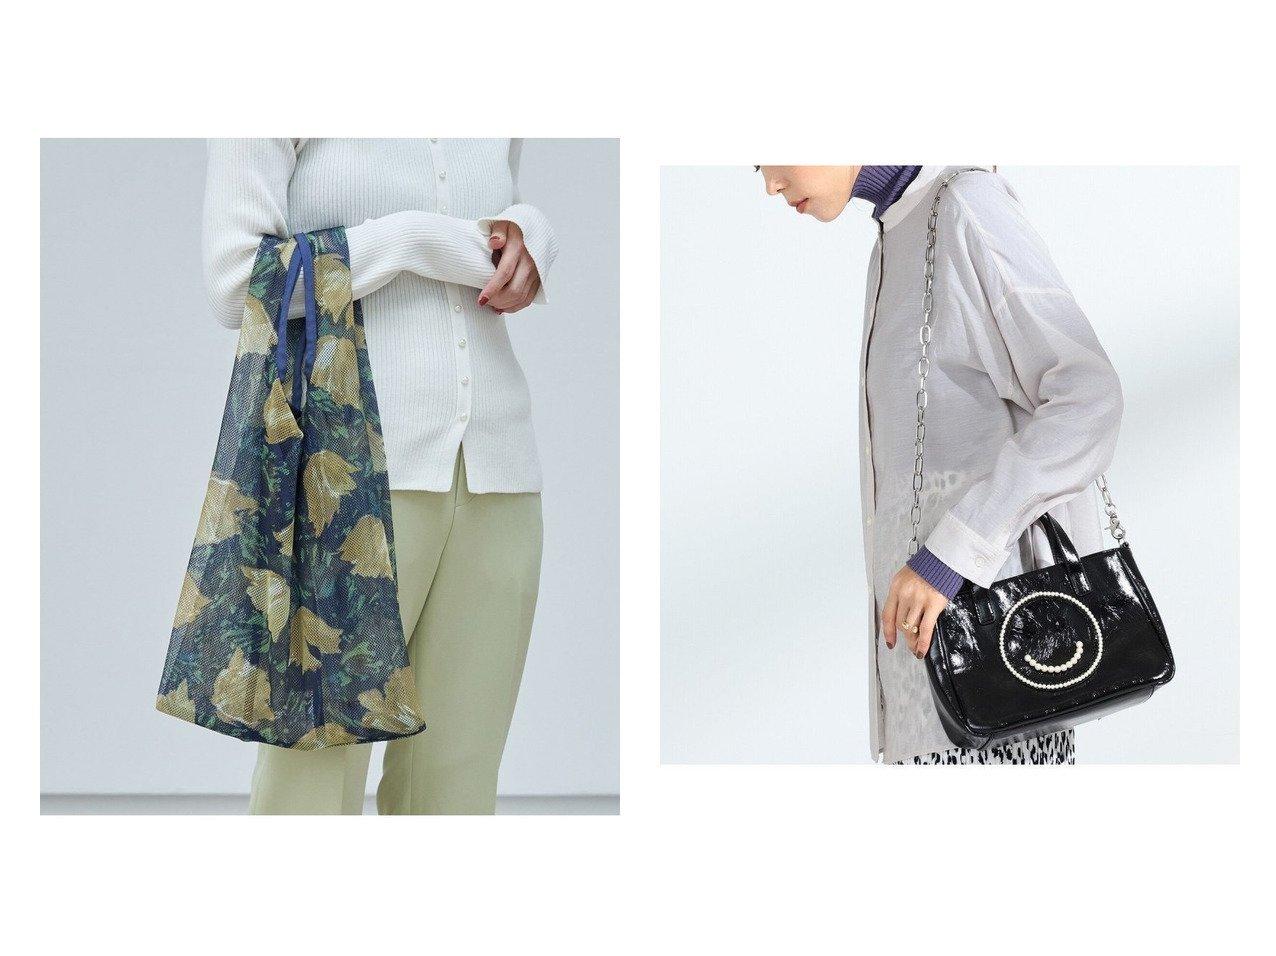 【Ray BEAMS/レイ ビームス】のスモール トートバッグ&【ROPE'PICNIC PASSAGE/ロペピクニック パサージュ】のチューリップ総柄パッカブルメッシュエコバッグ バッグ・鞄のおすすめ!人気、トレンド・レディースファッションの通販 おすすめで人気の流行・トレンド、ファッションの通販商品 メンズファッション・キッズファッション・インテリア・家具・レディースファッション・服の通販 founy(ファニー) https://founy.com/ ファッション Fashion レディースファッション WOMEN バッグ Bag NEW・新作・新着・新入荷 New Arrivals S/S 春夏 SS Spring/Summer チューリップ ポケット メッシュ 春 Spring ショルダー パイソン モチーフ 人気  ID:crp329100000016349